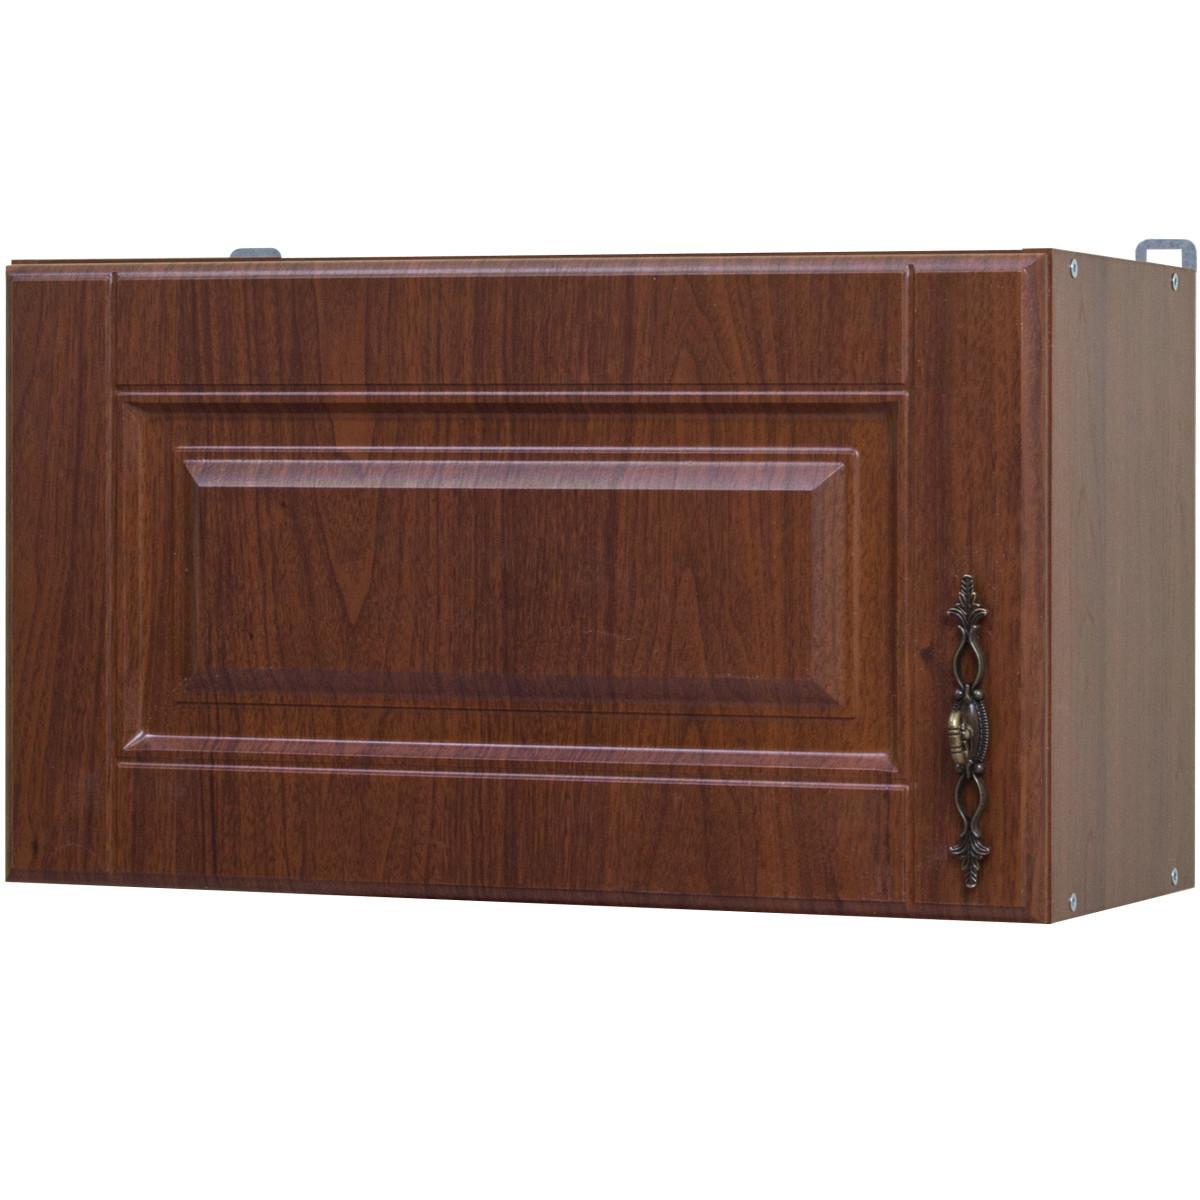 Шкаф над вытяжкой Орех Аква 60x35x29 см ЛДСП цвет коричневый